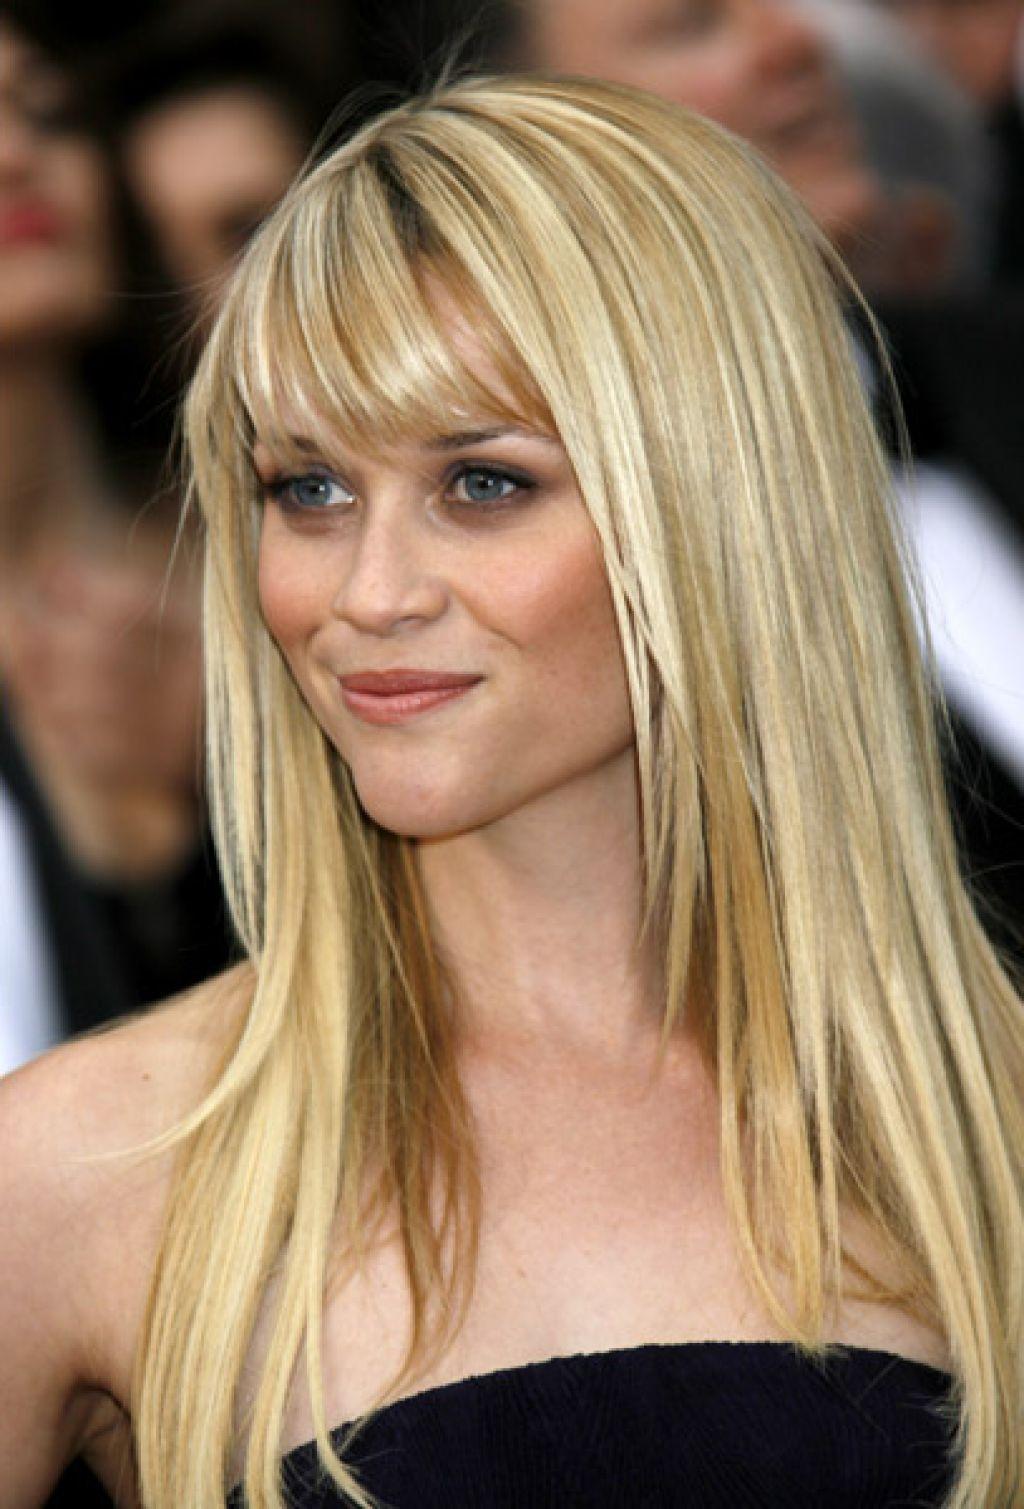 Модная стрижка для длинных волос весна-лето 2020 - стрижка лесенка.